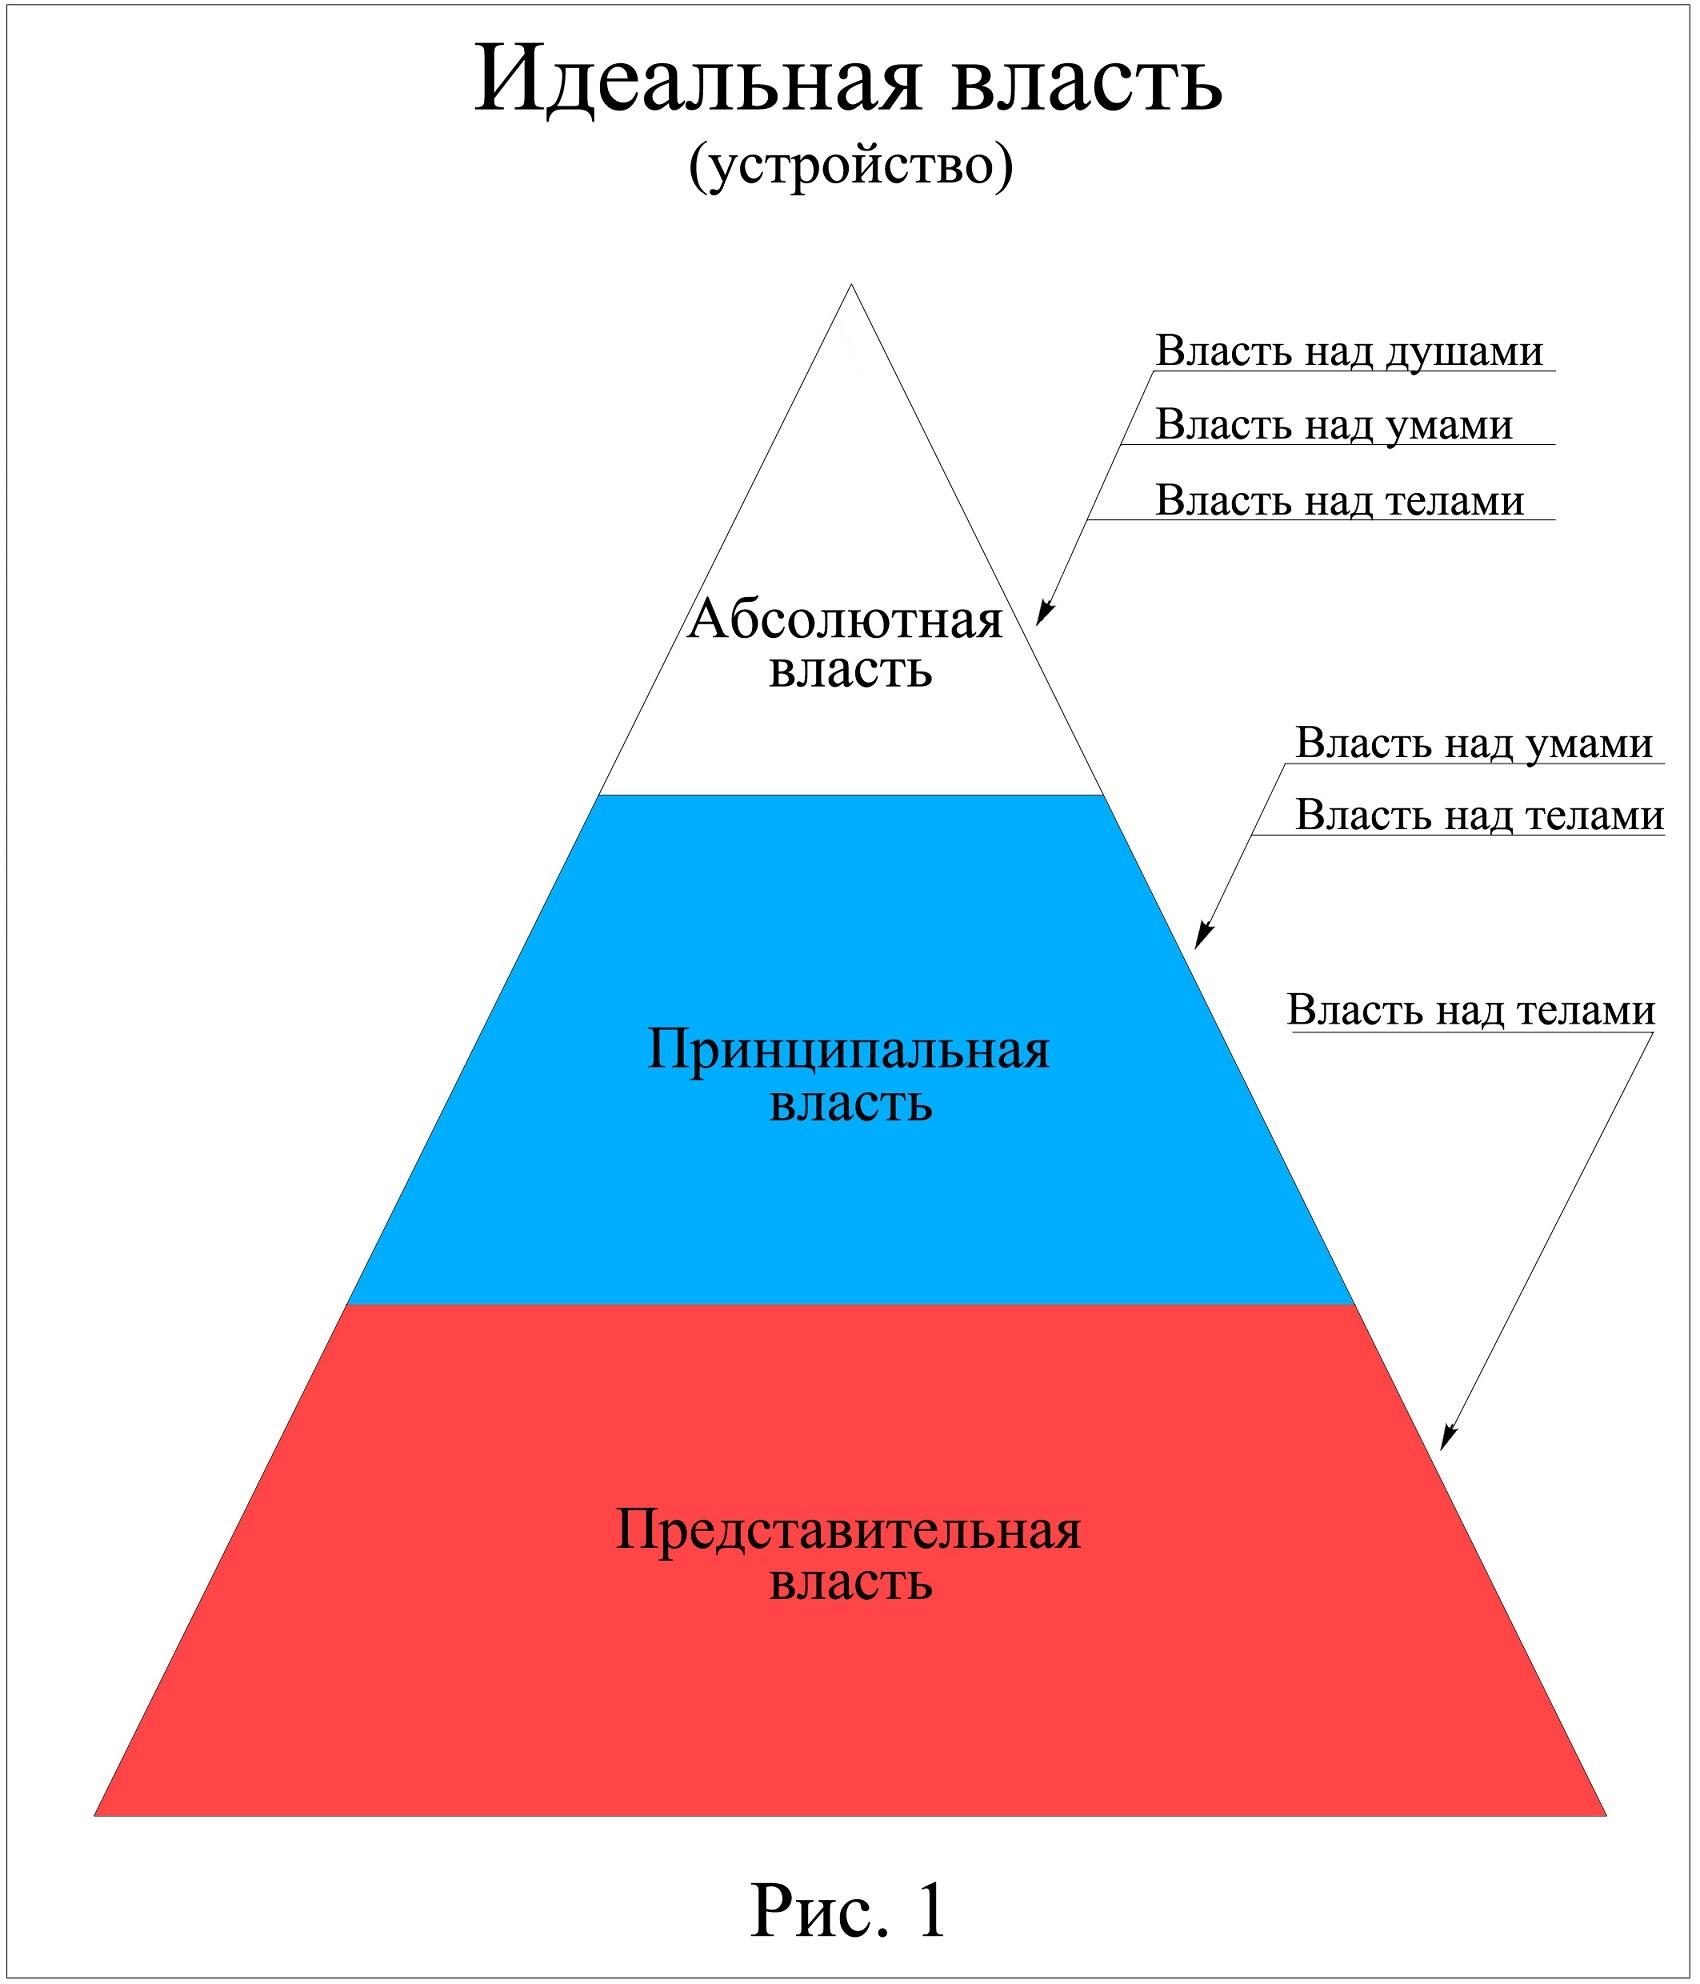 рисунок_1